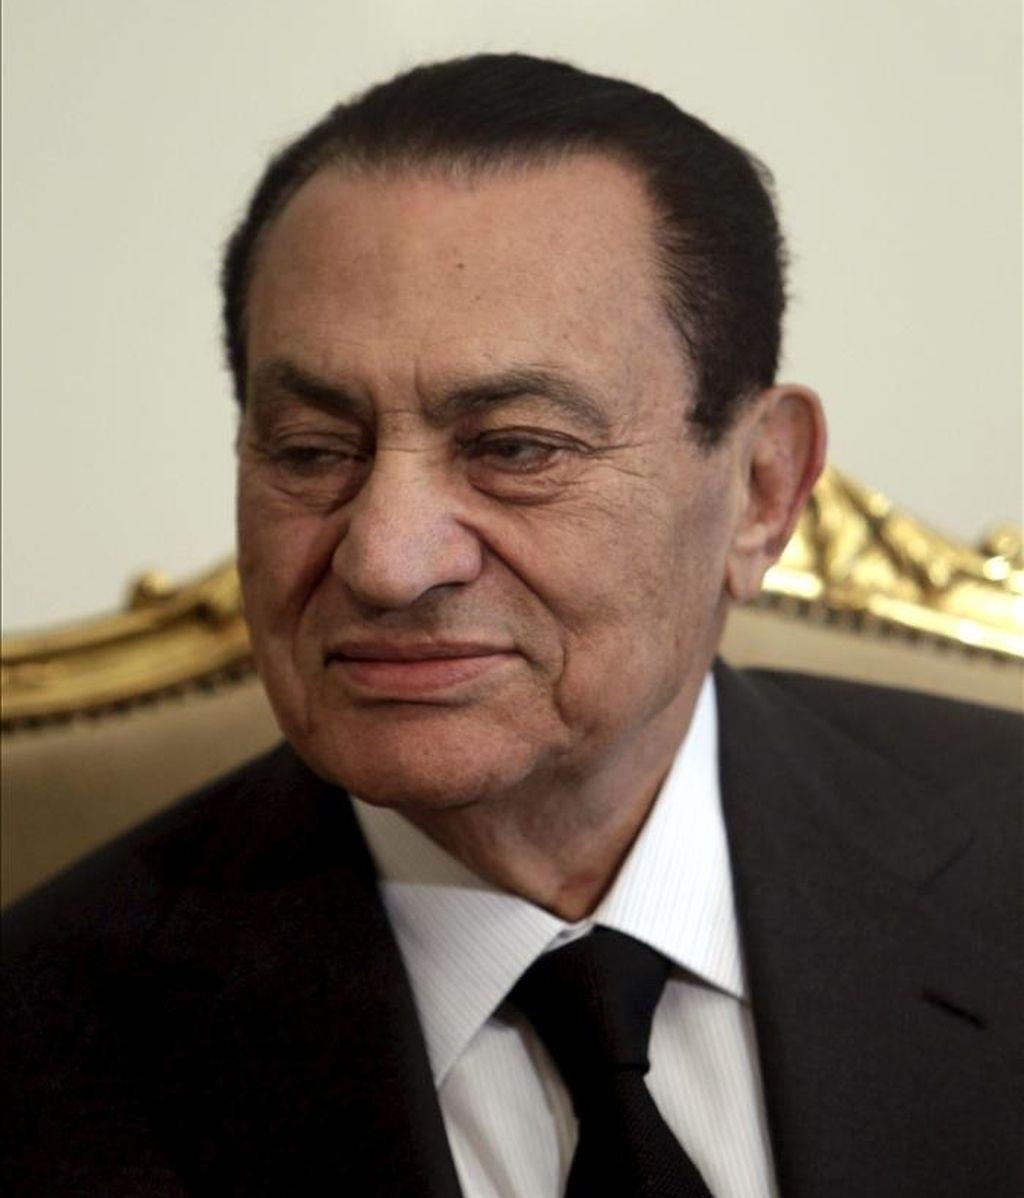 El presidente de Egipto, Hosni Mubarak. EFE/Archivo